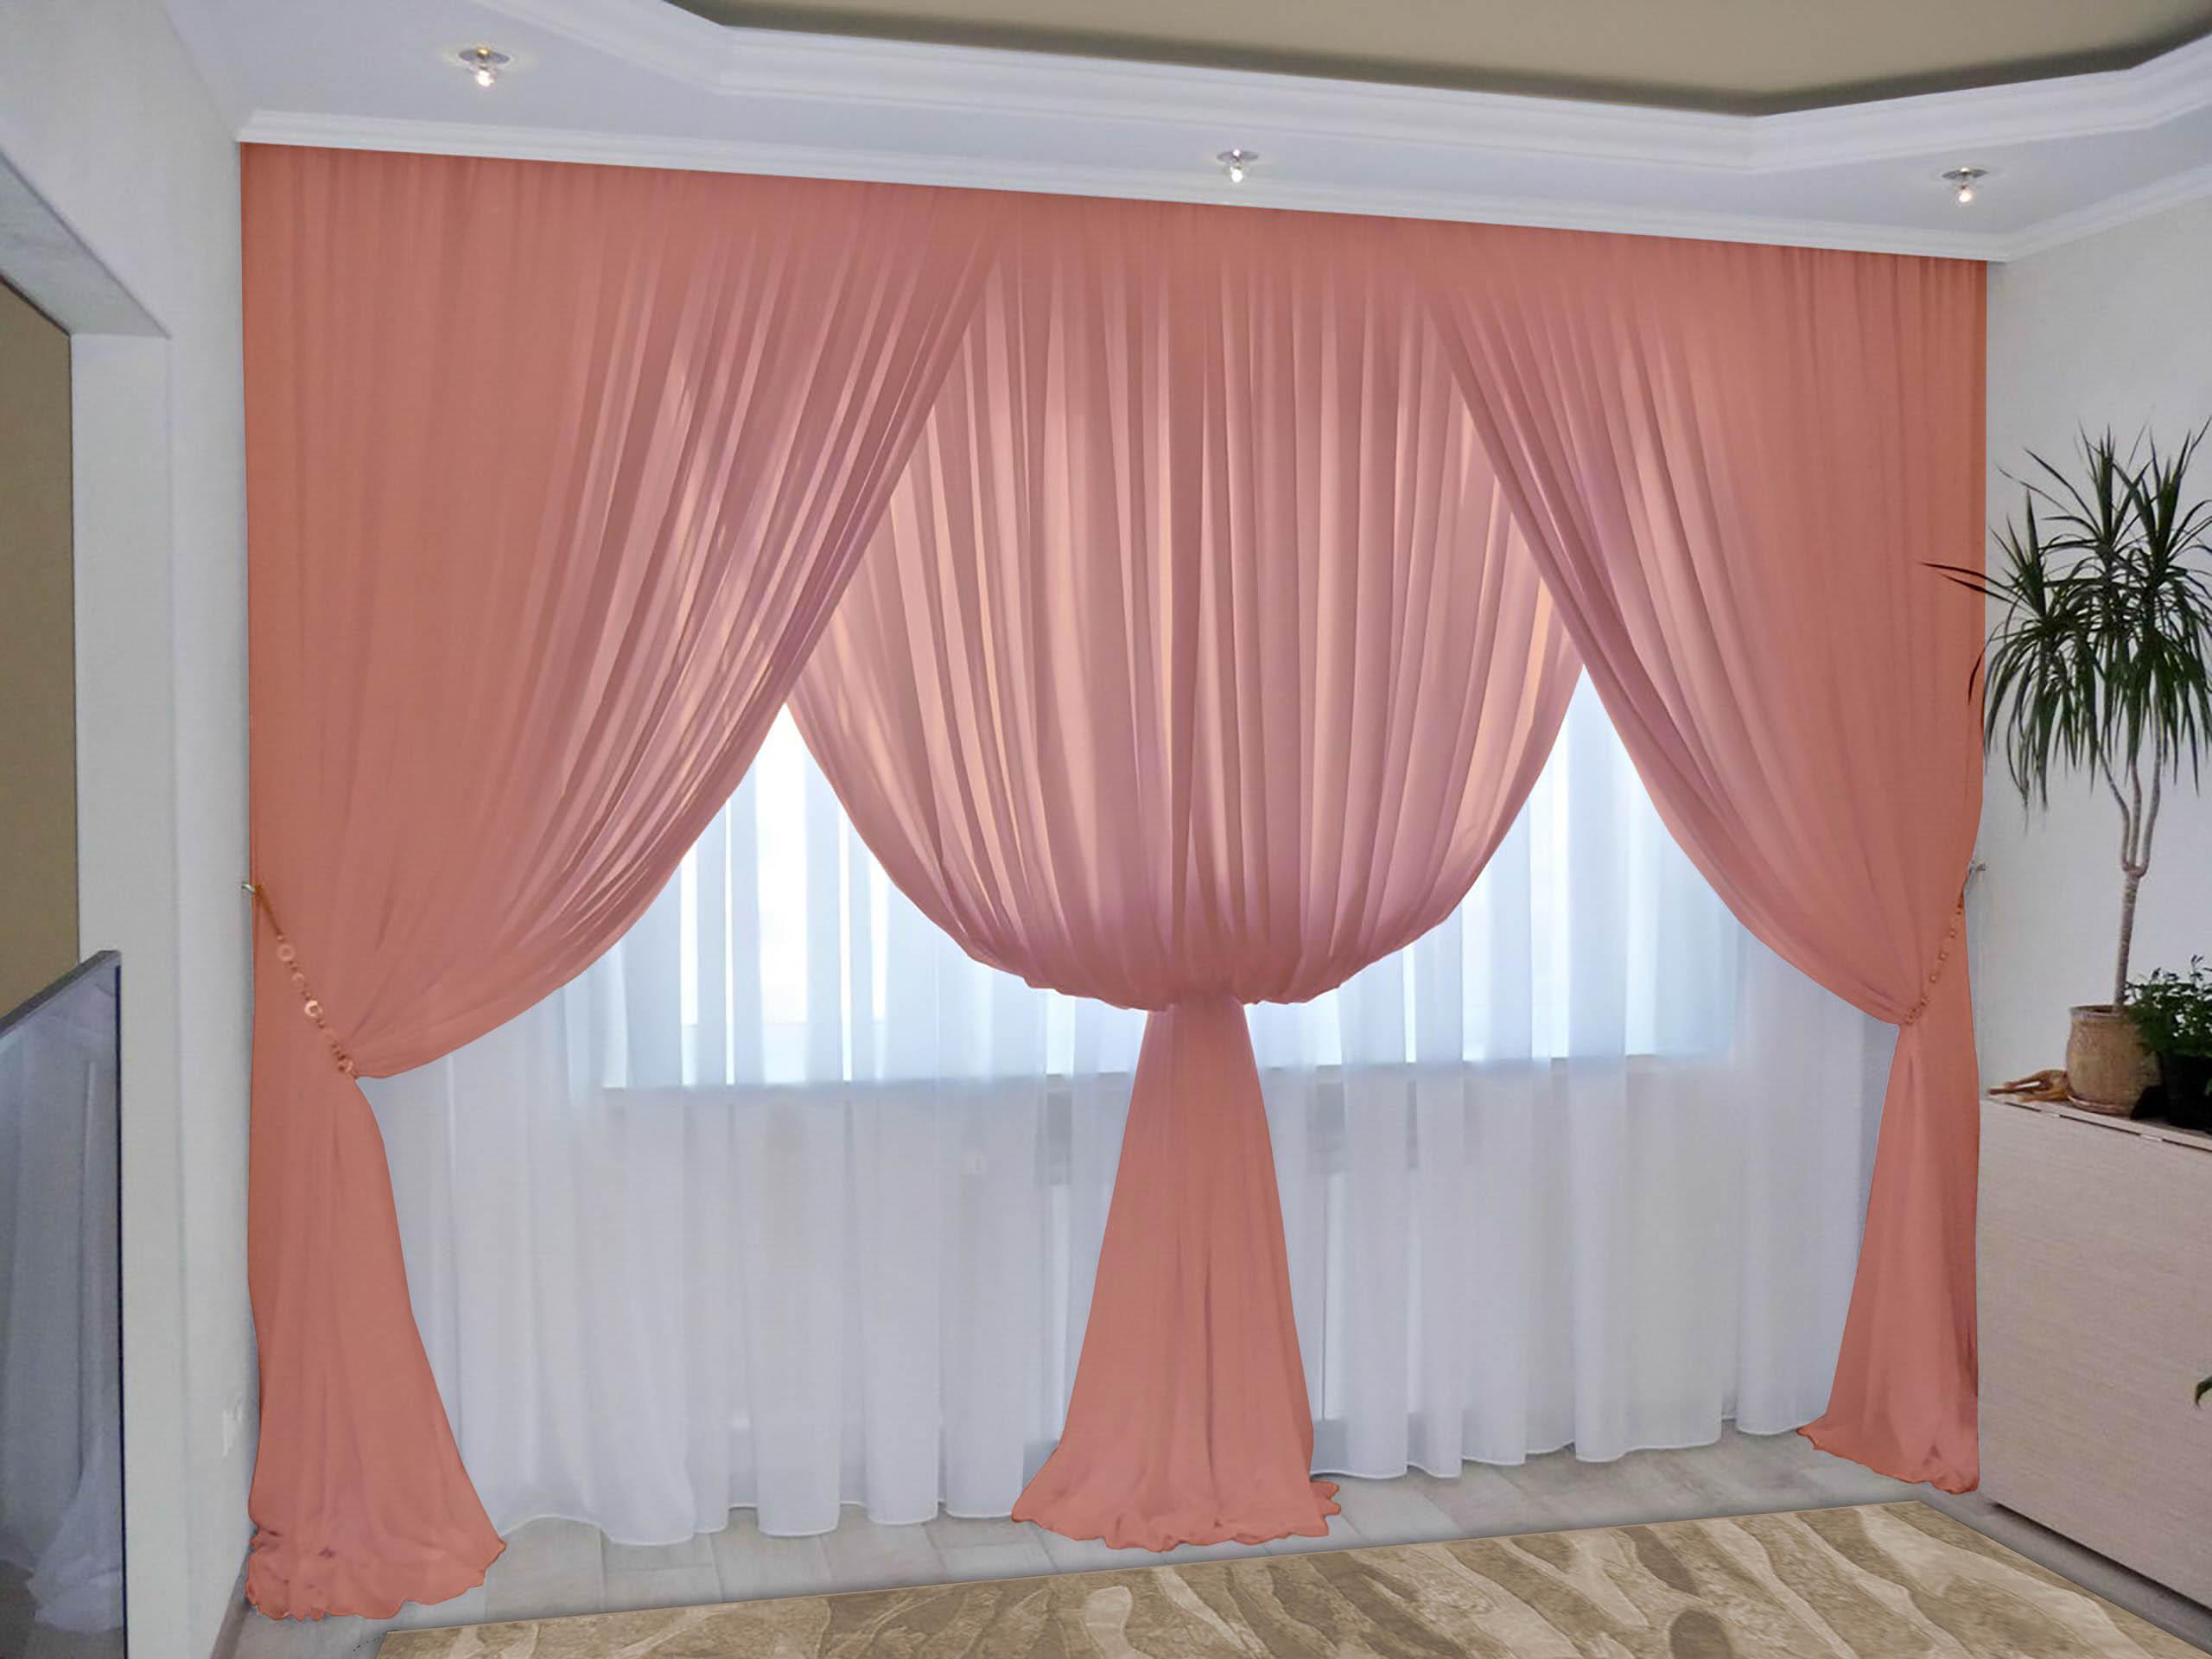 Шторы РеалТекс Классические шторы Augustine Цвет: Персик шторы реалтекс классические шторы alberta цвет персиковый молочный